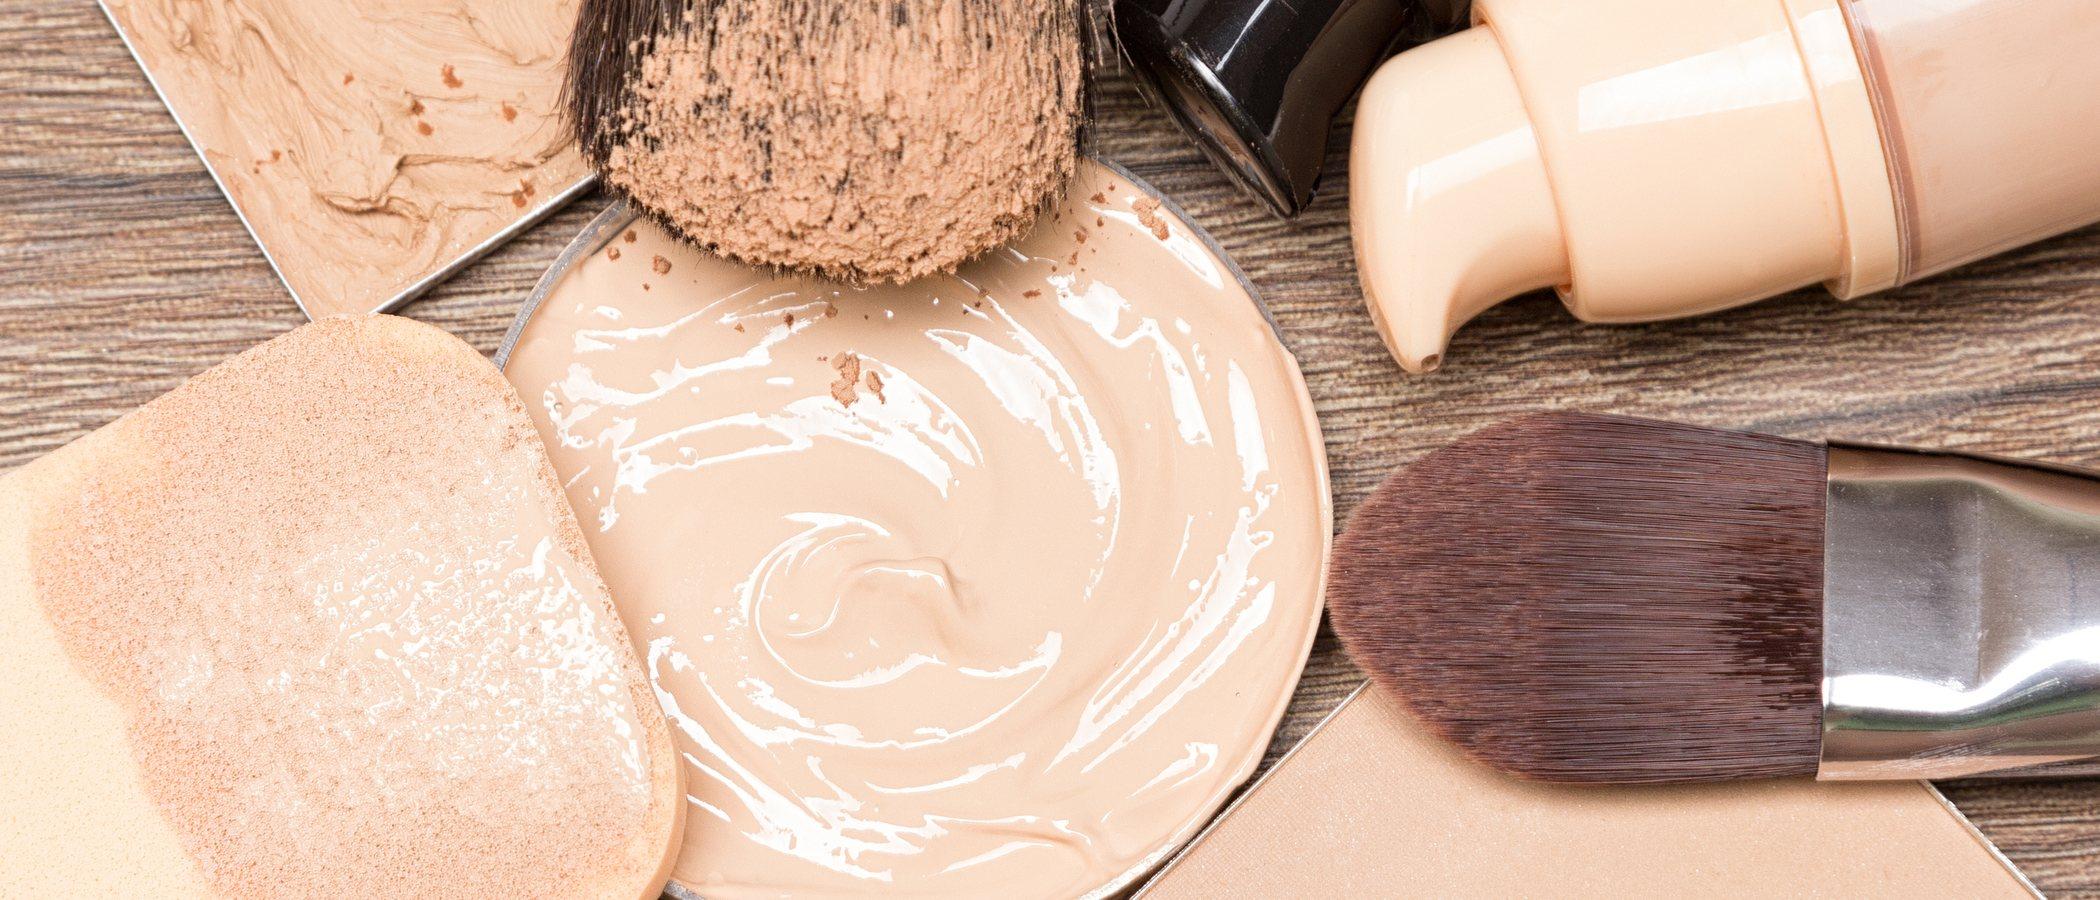 5 correctores low cost que no pueden faltar en tu kit de maquillaje